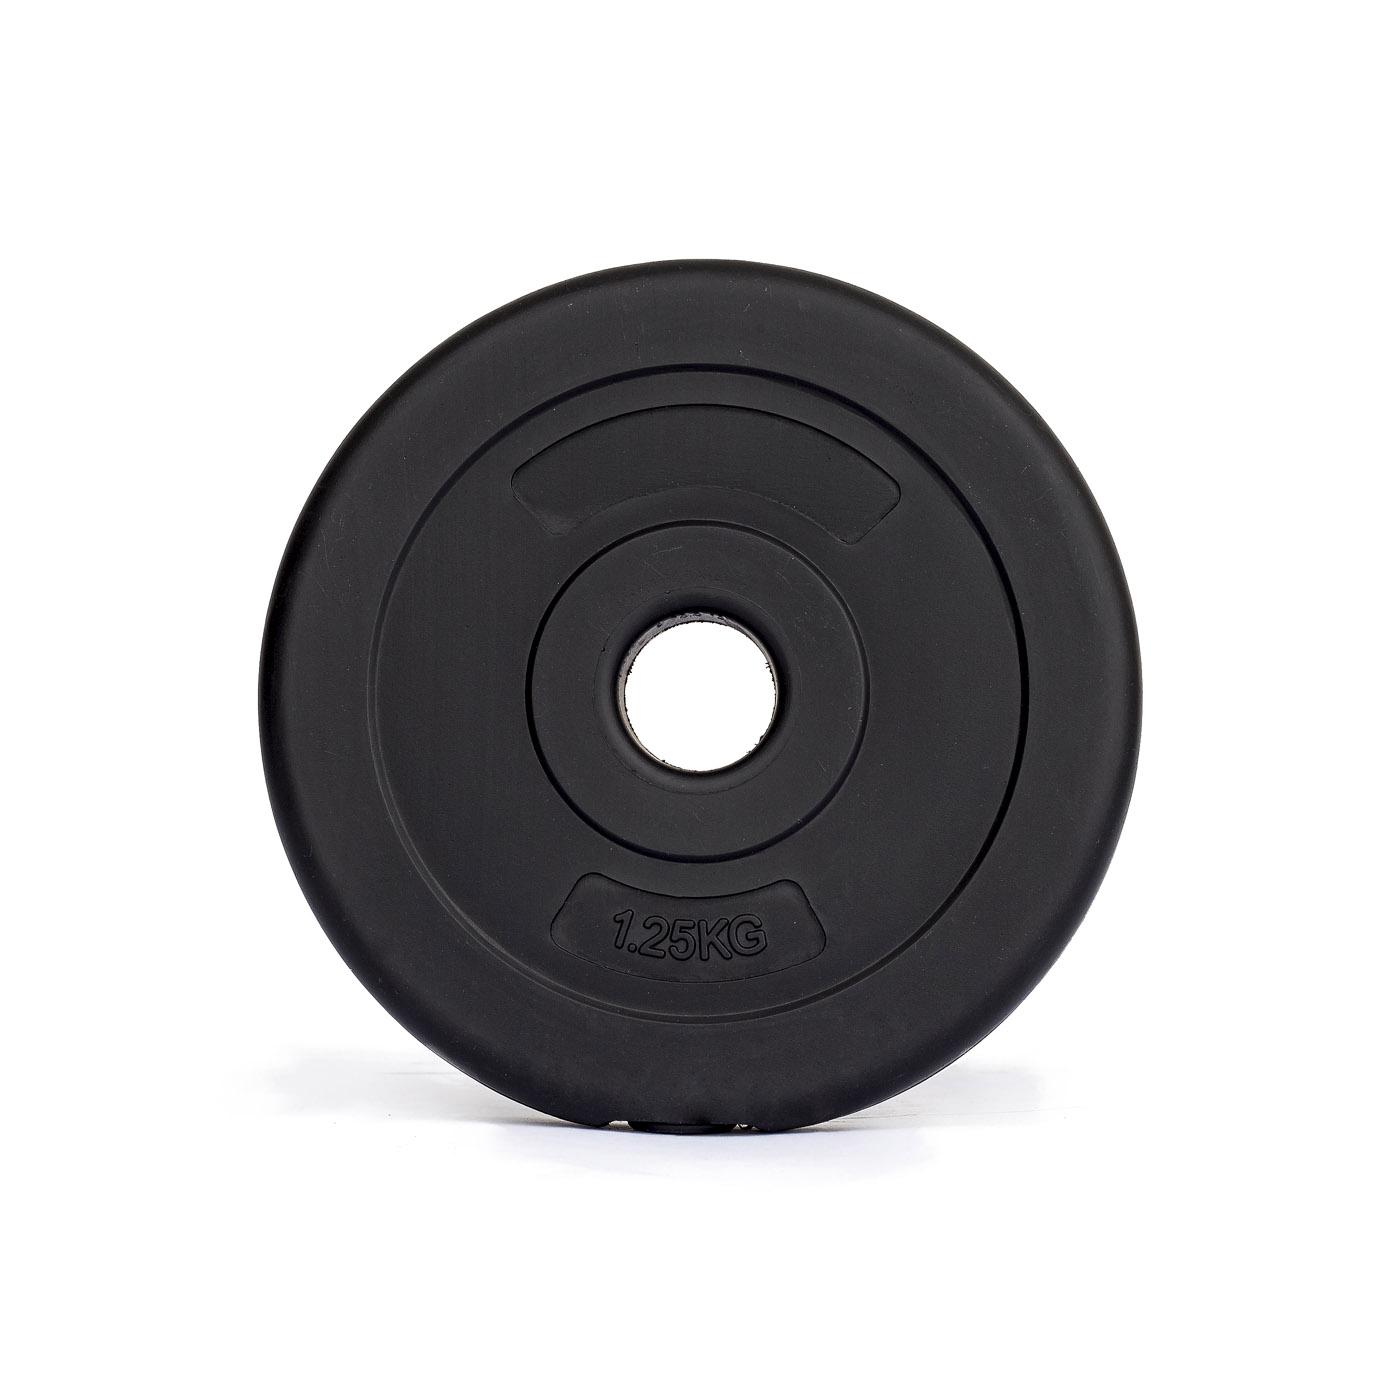 Kotouč cementový TRINFIT 1,25 kg / 30 mm